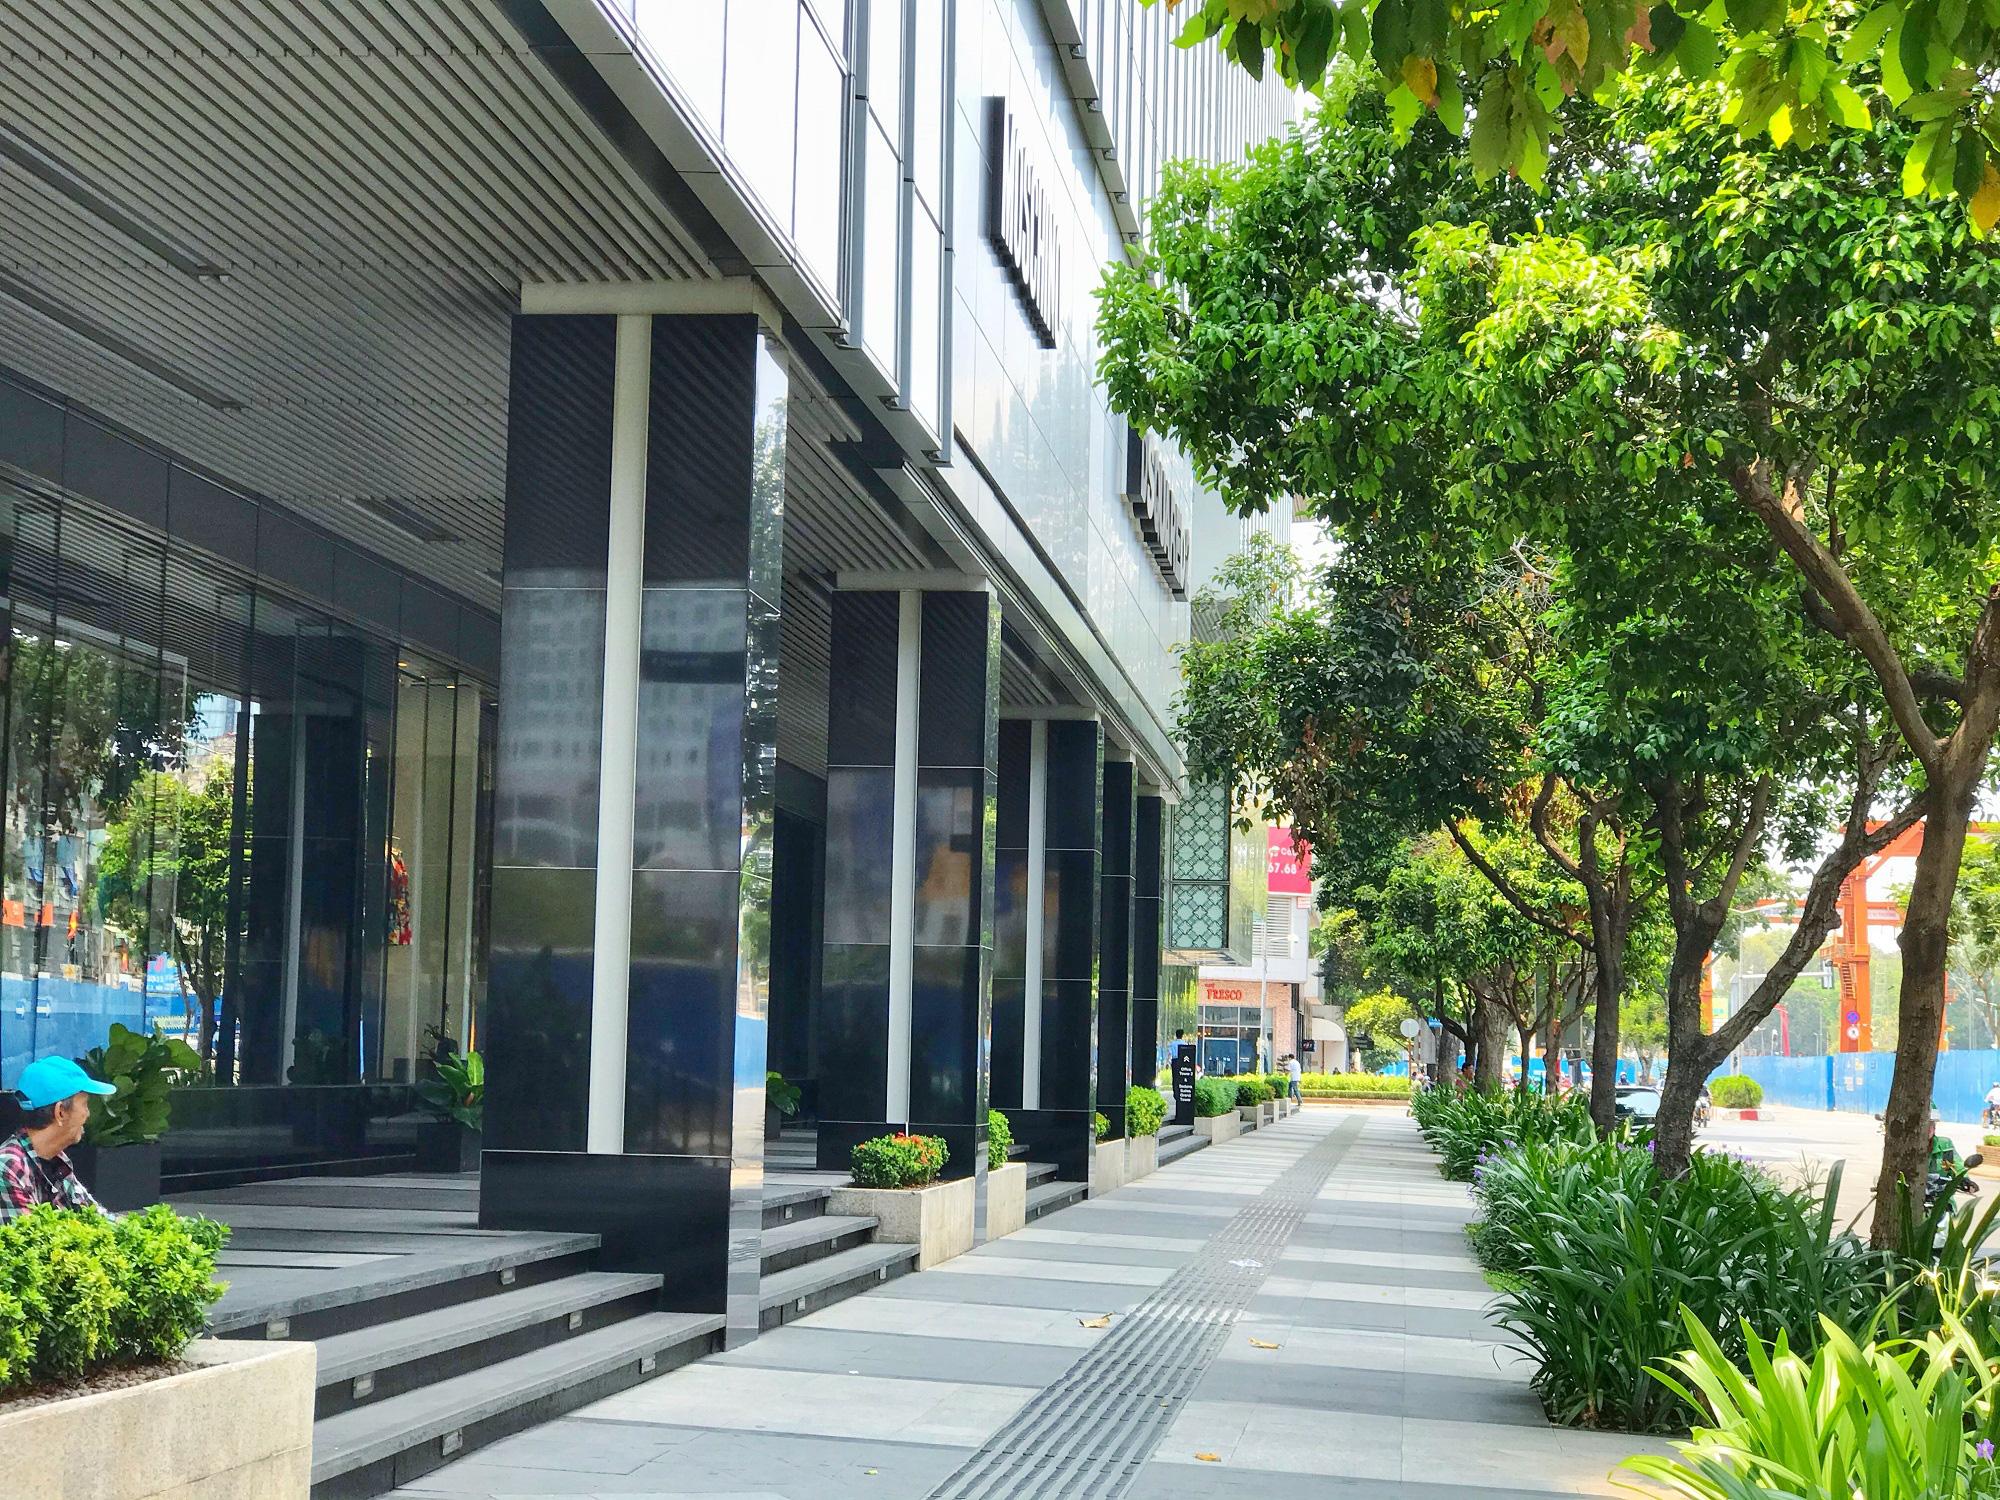 Các điểm du lịch tại TP.HCM vắng hoàn toàn sau quyết định dừng nhập cảnh người nước ngoài vào Việt Nam - Ảnh 14.